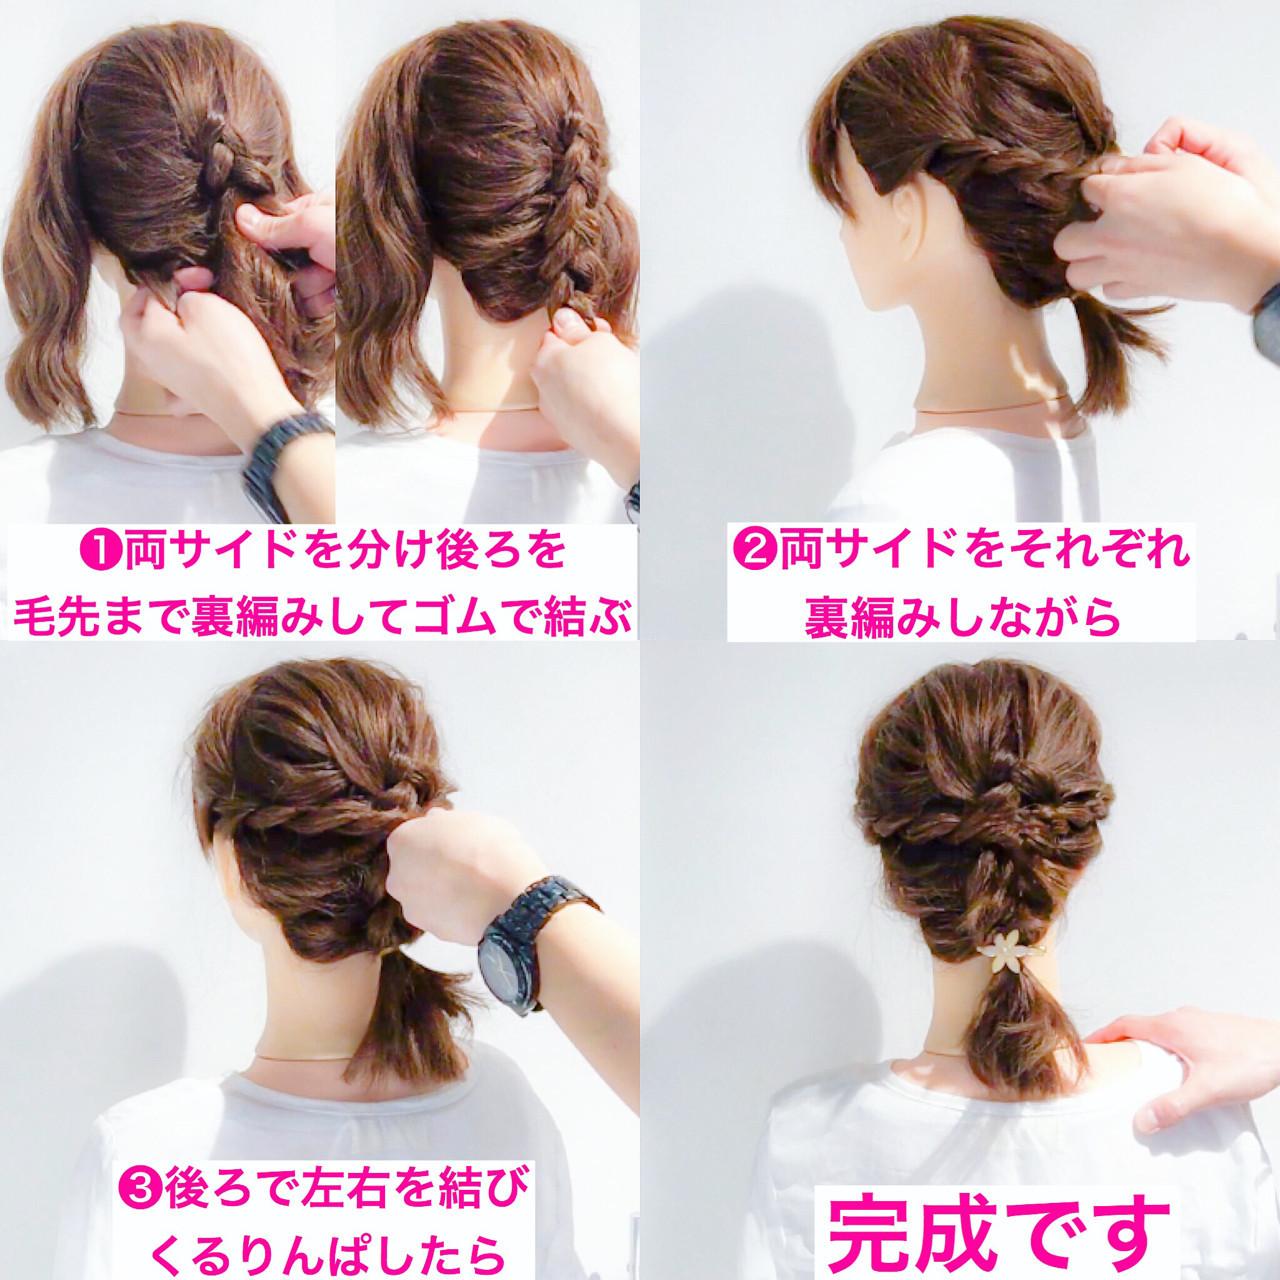 裏編み込みがおしゃれ&崩れにくい♡可愛いまとめ髪 美容師 HIRO